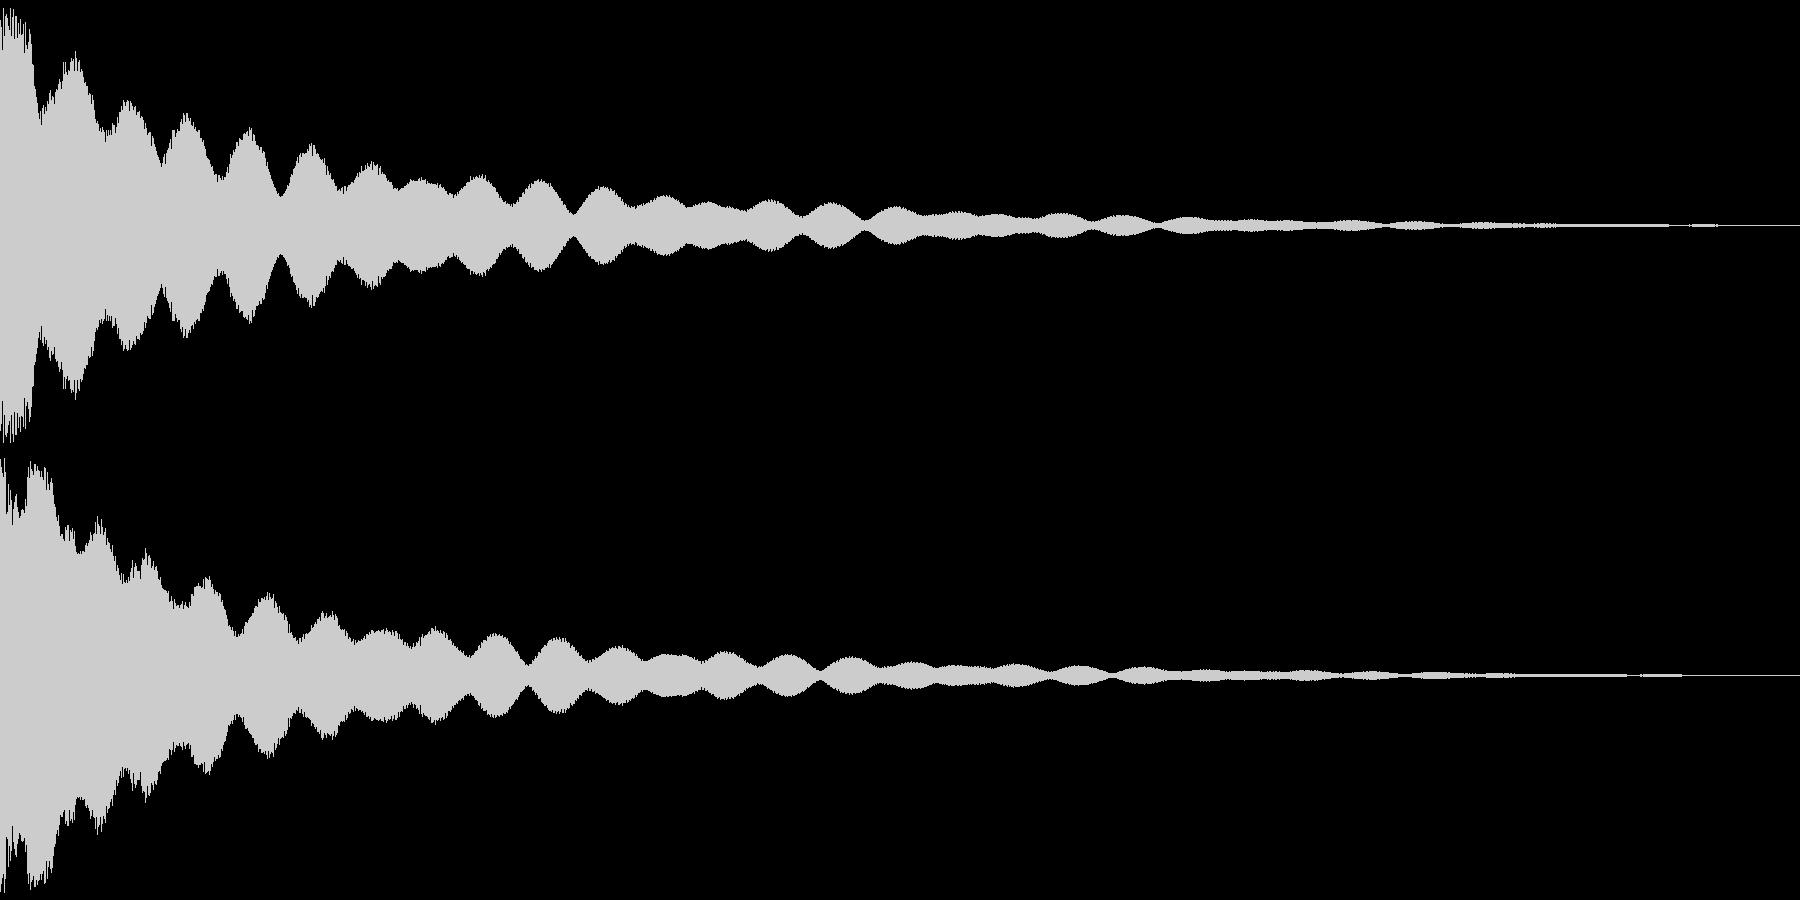 チーン 仏具の鐘、お鈴 ver.Cの未再生の波形